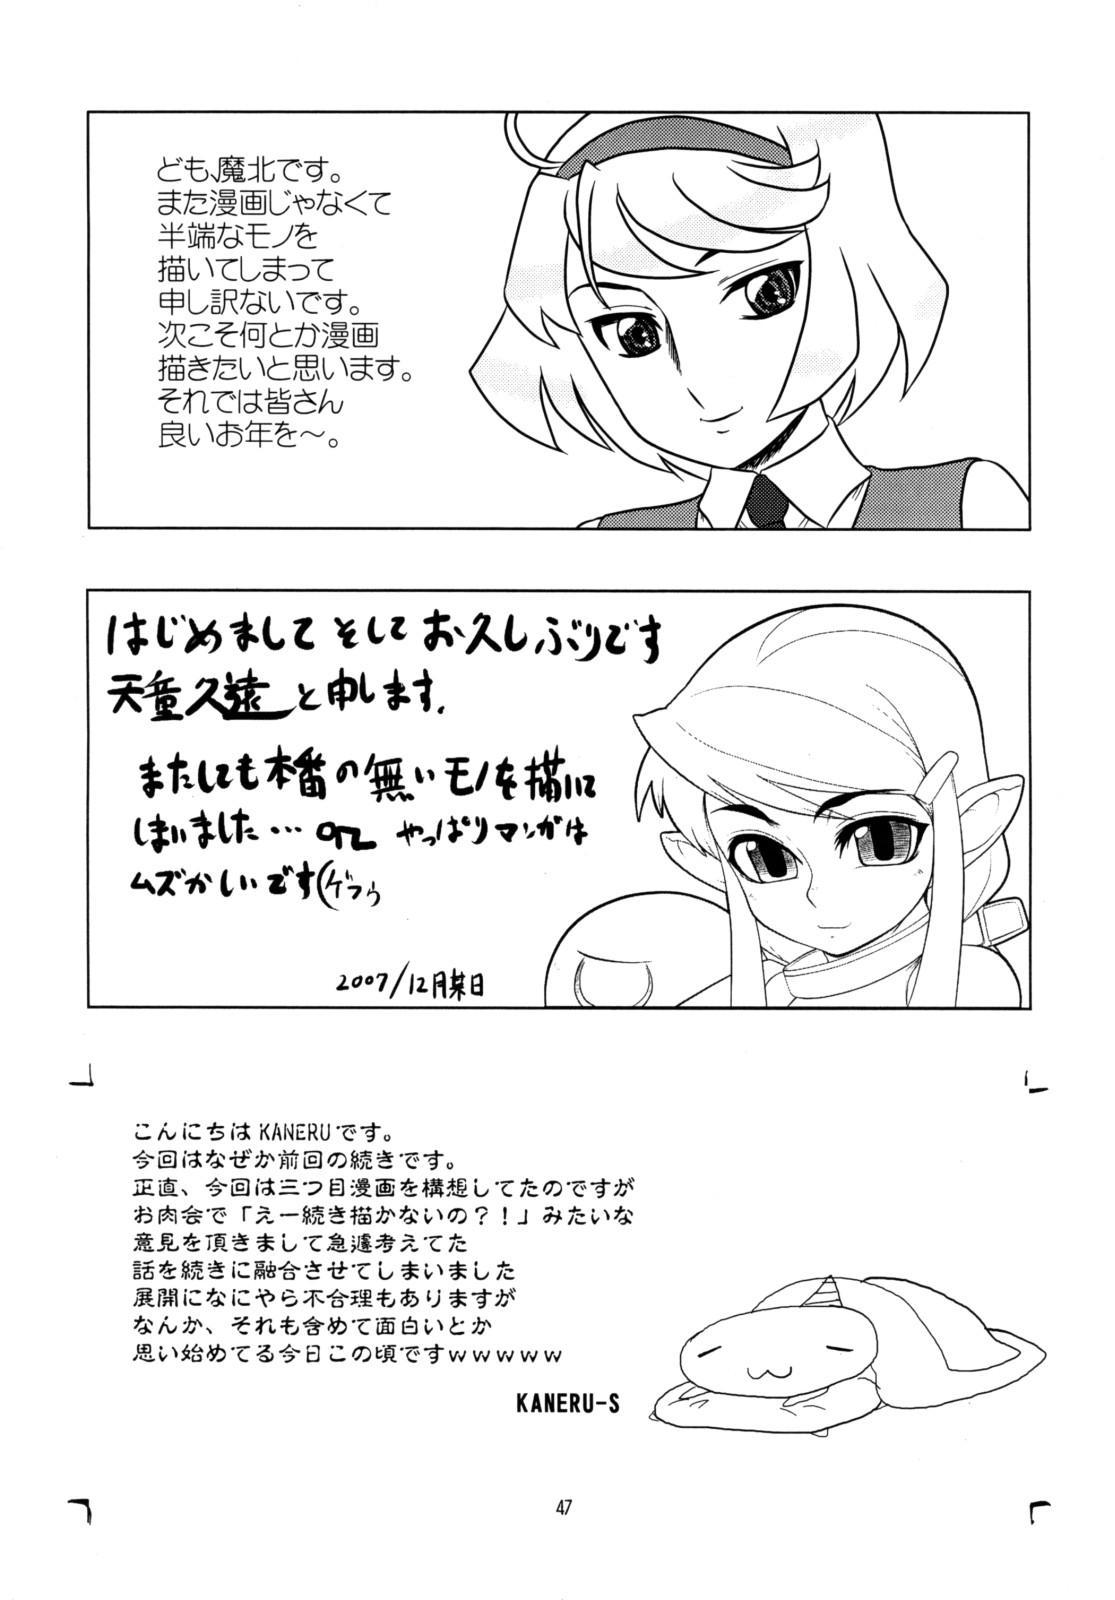 Momo-an 22 45